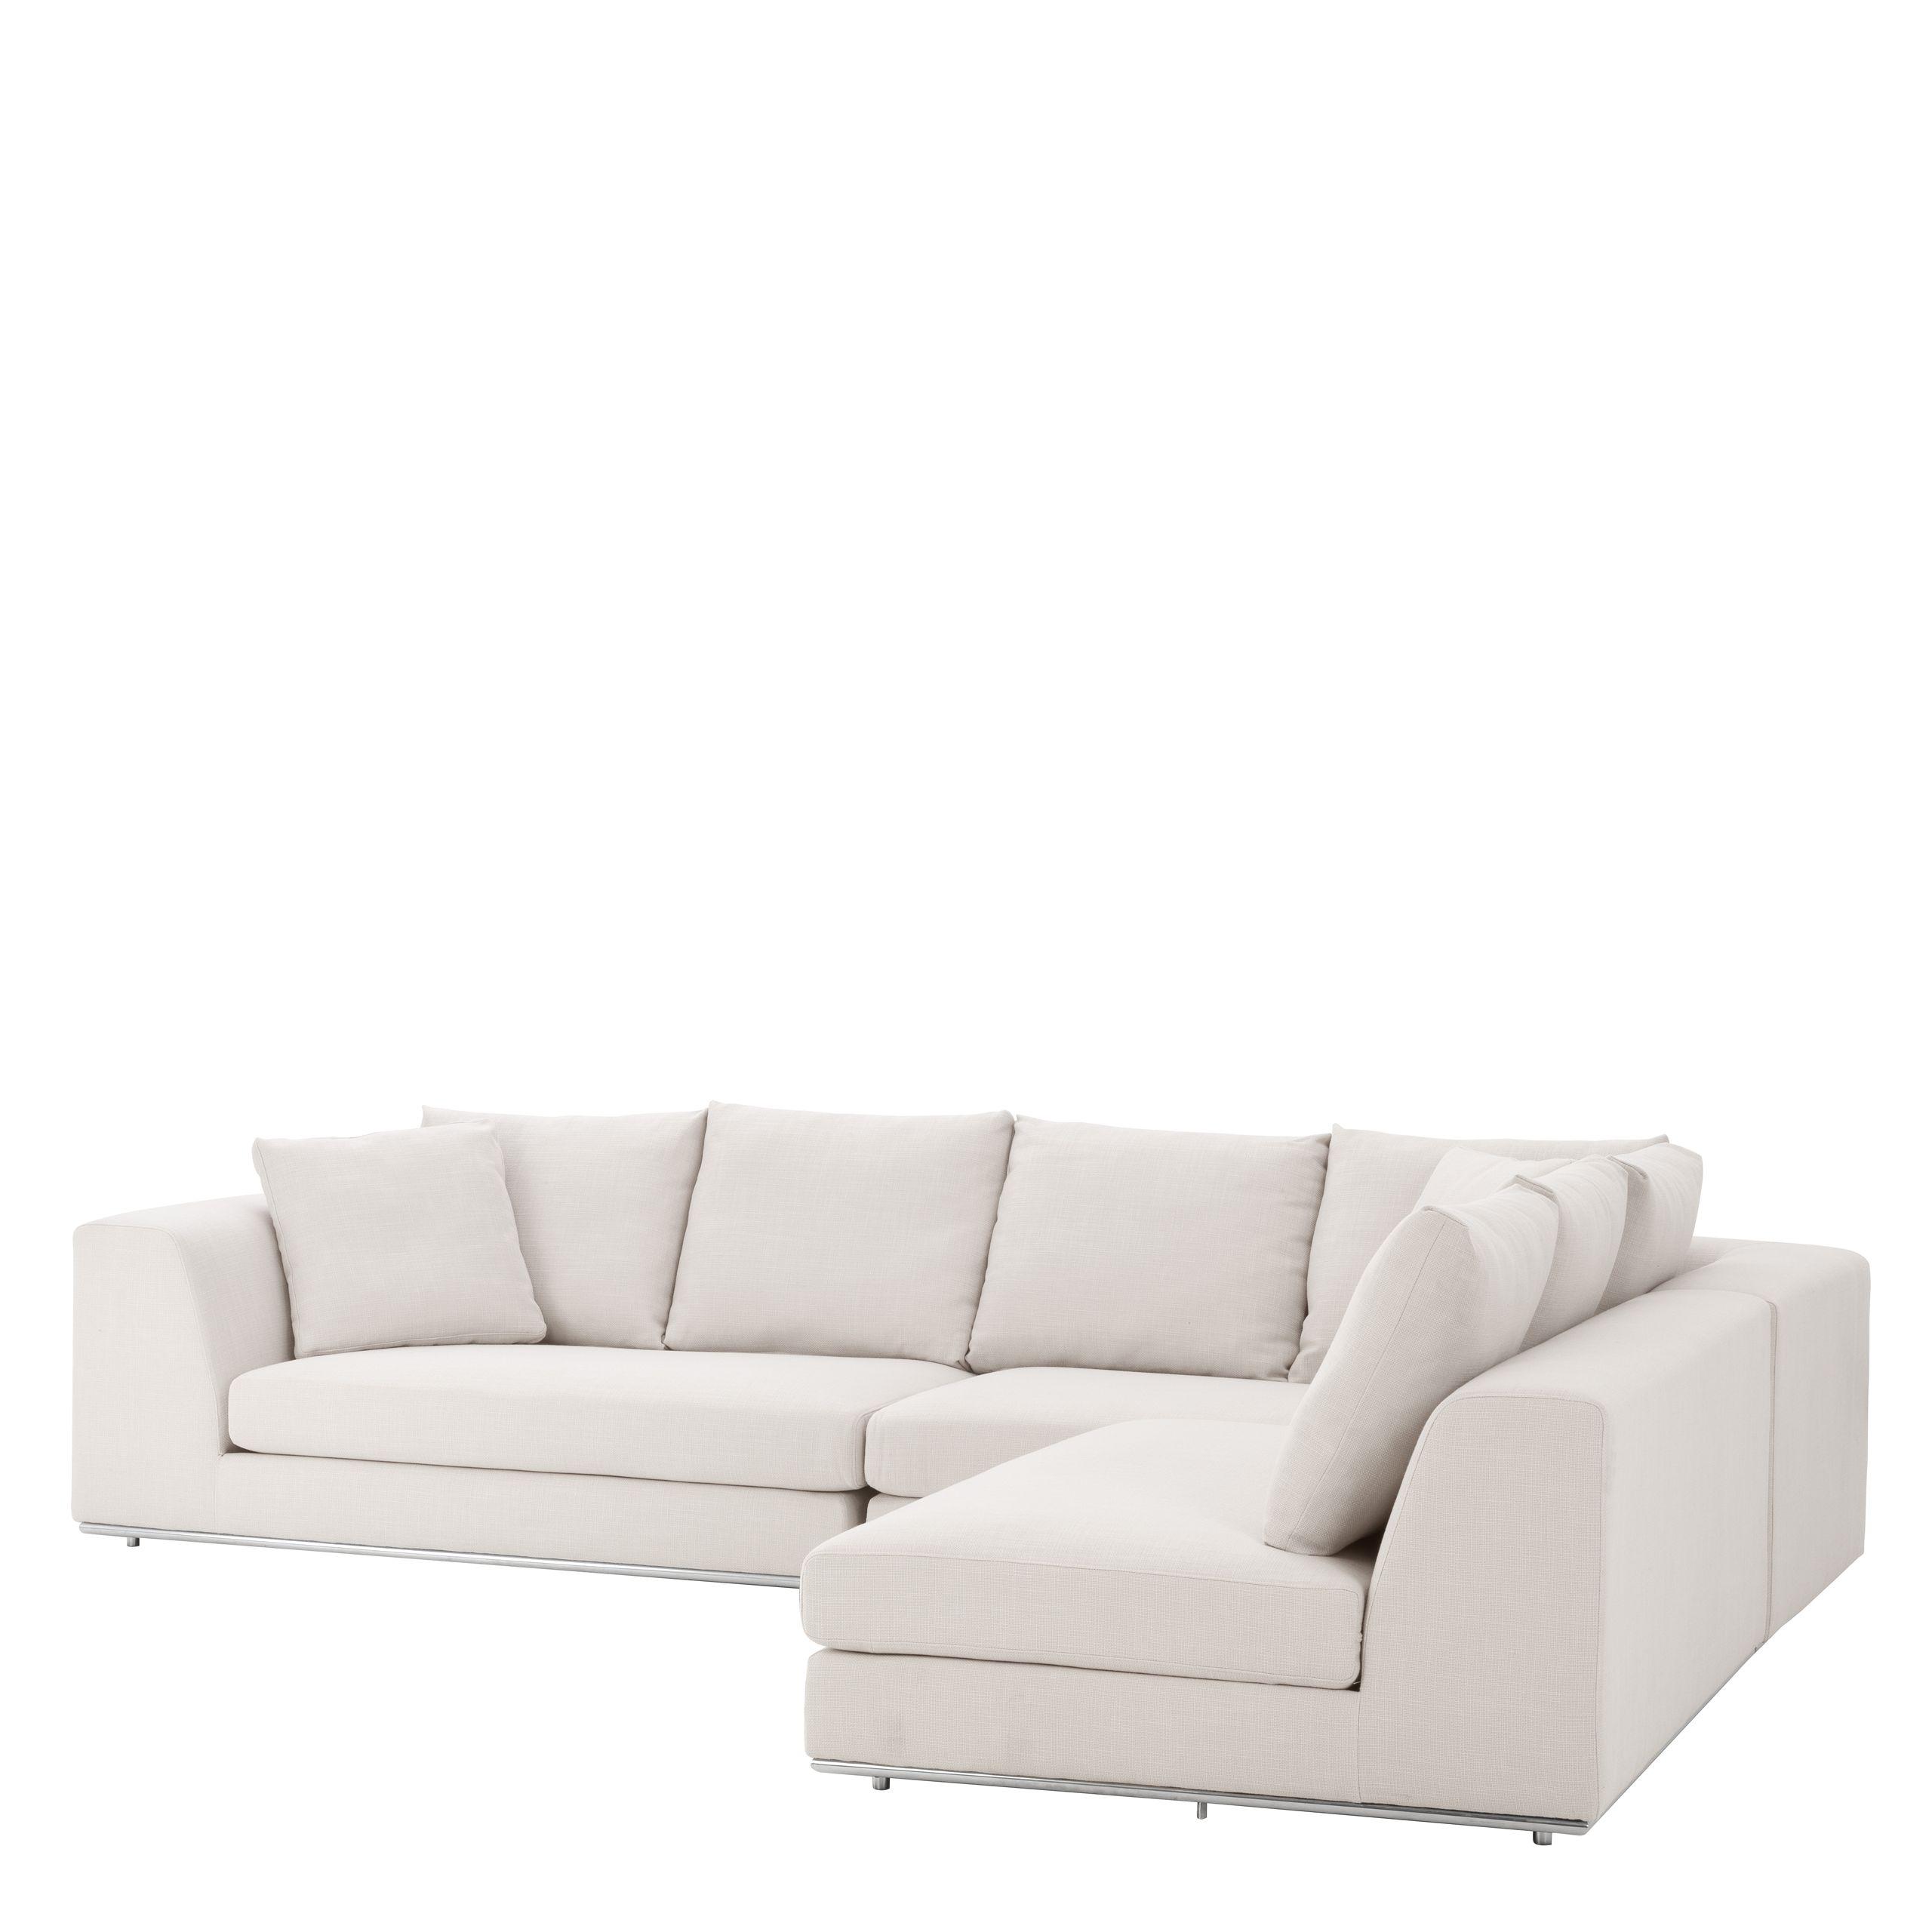 Full Size of Couch Baumwolle Leinen Leinenbezug Sofa Waschen Reinigen Hussen Stoff Landhausstil Günstig Ewald Schillig Grau München Rolf Benz Big Mit Schlaffunktion Blau Sofa Sofa Leinen